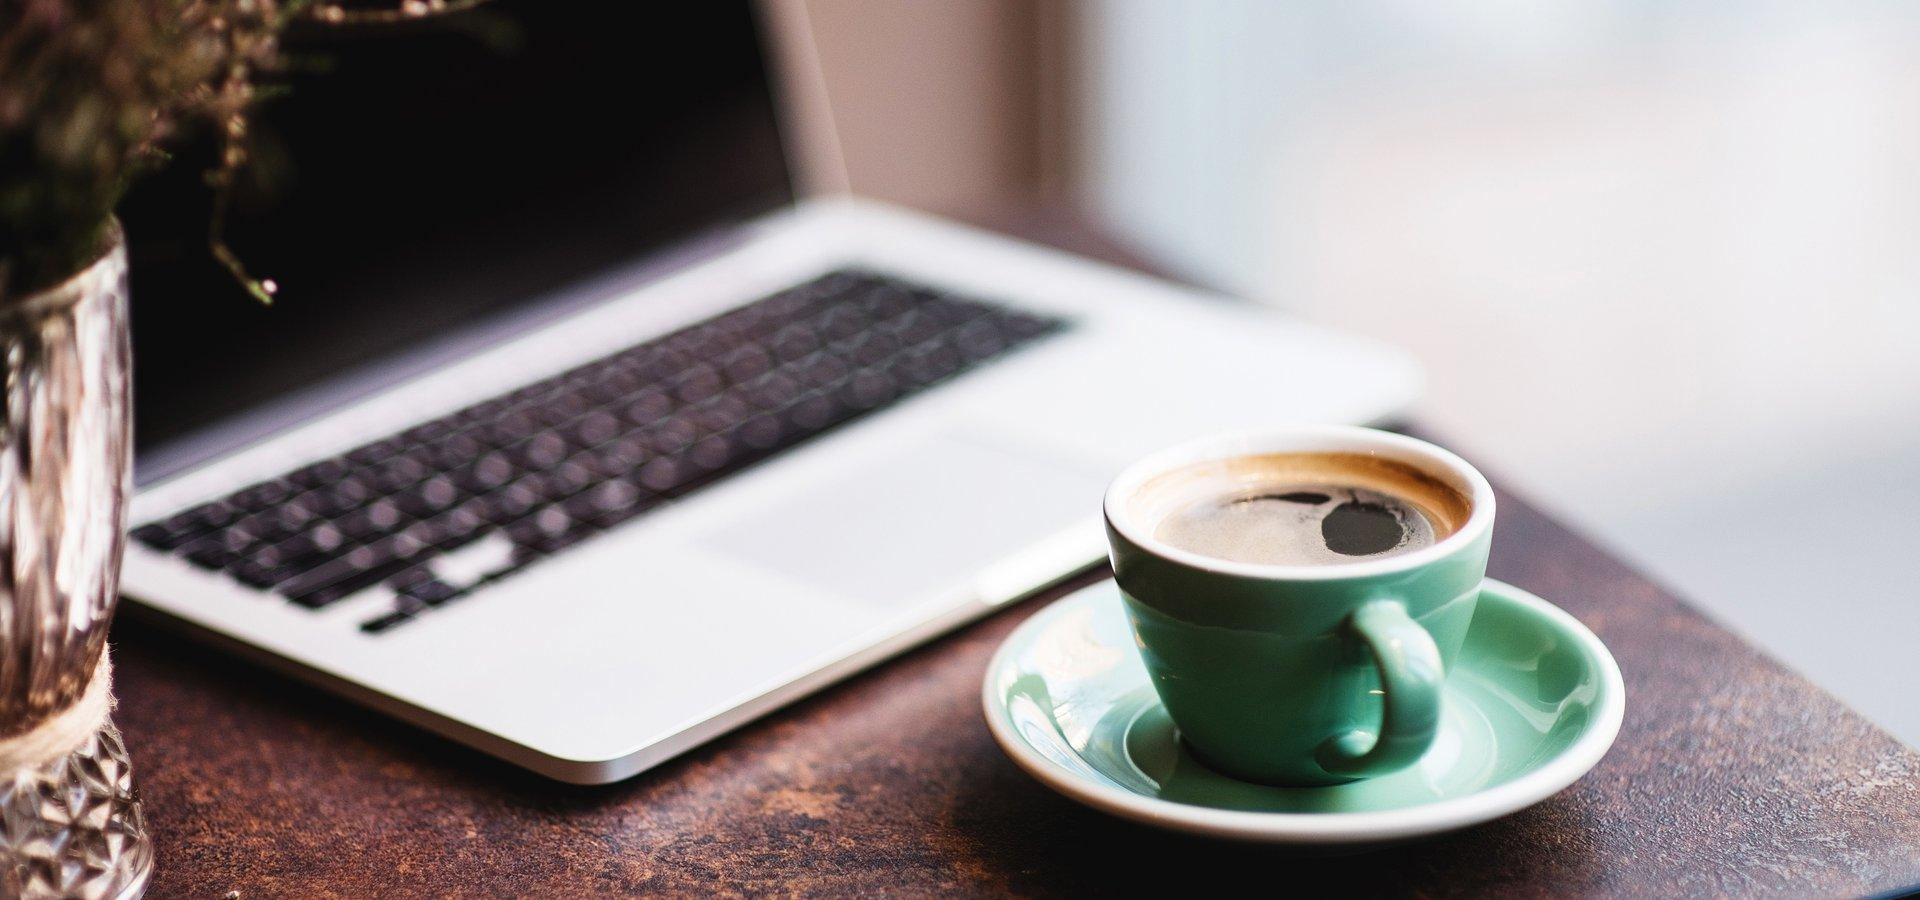 Podsumowanie zdarzenia dotyczącego naruszenia cyberbezpieczeństwa w Coffeedesk